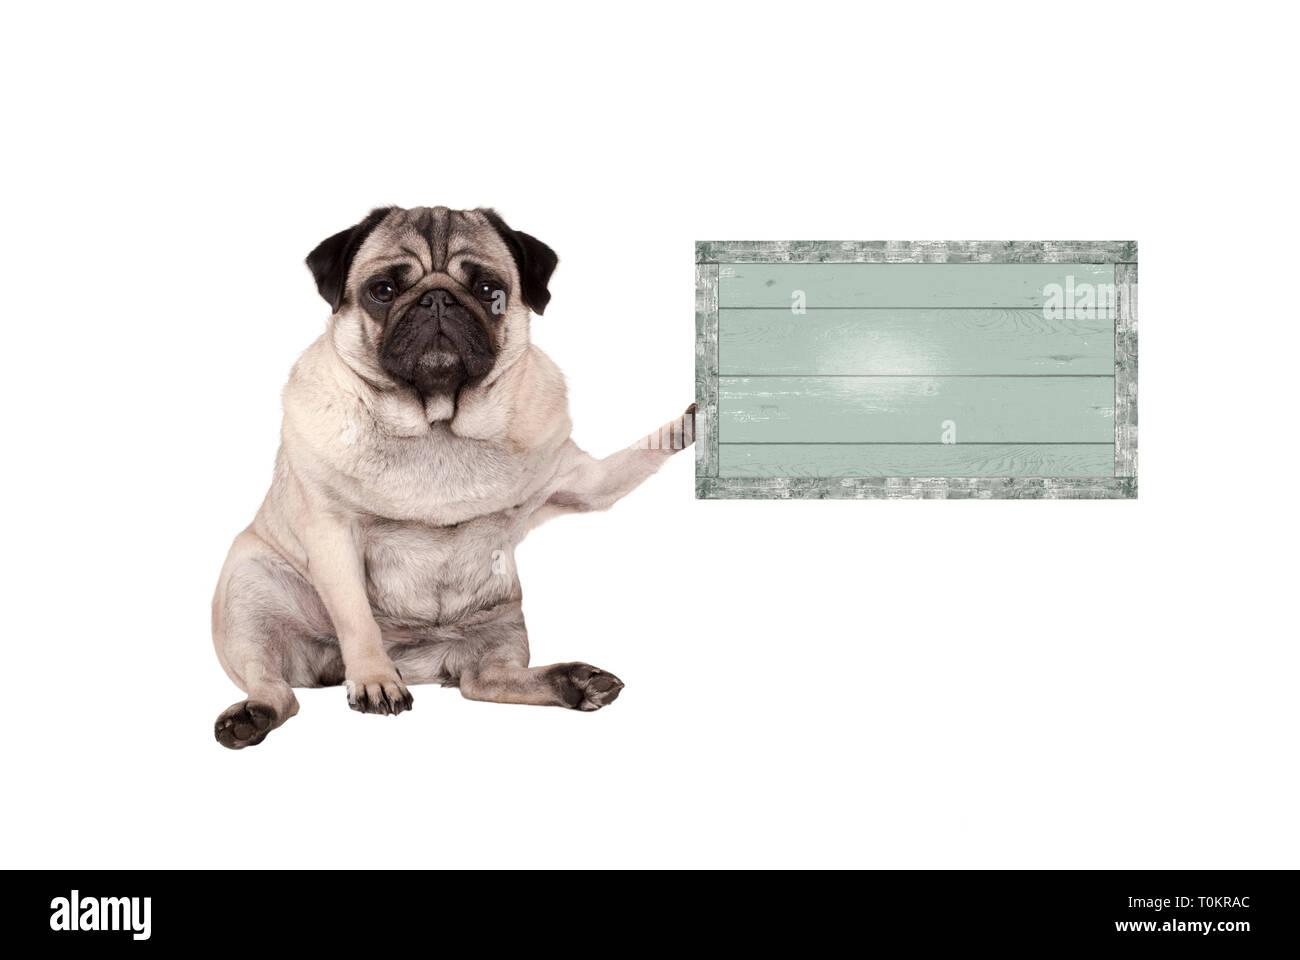 Lindo perrito pug malhumorada, sentándose en el suelo, sosteniendo capeado vintage letrero de madera verde, aislado sobre fondo blanco. Foto de stock